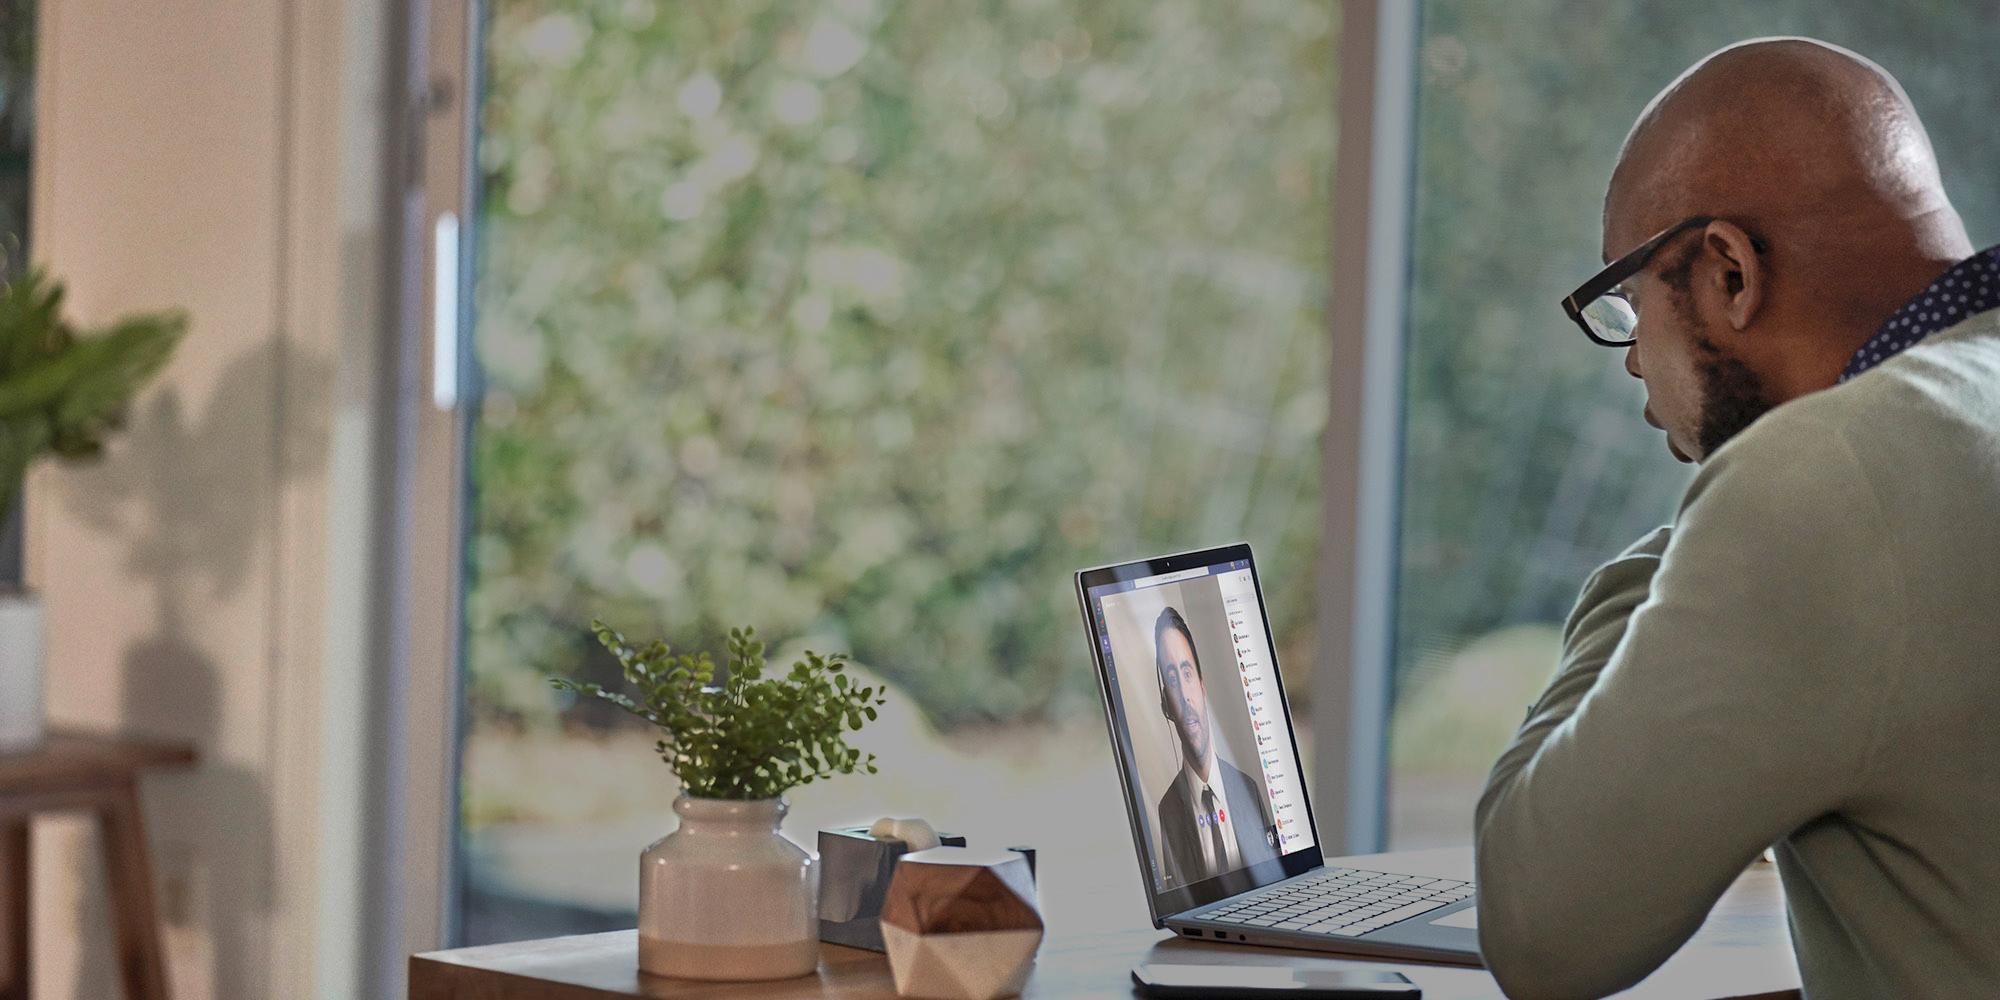 Eine Person, die an einem Tisch sitzt und mit einem Laptop arbeitet